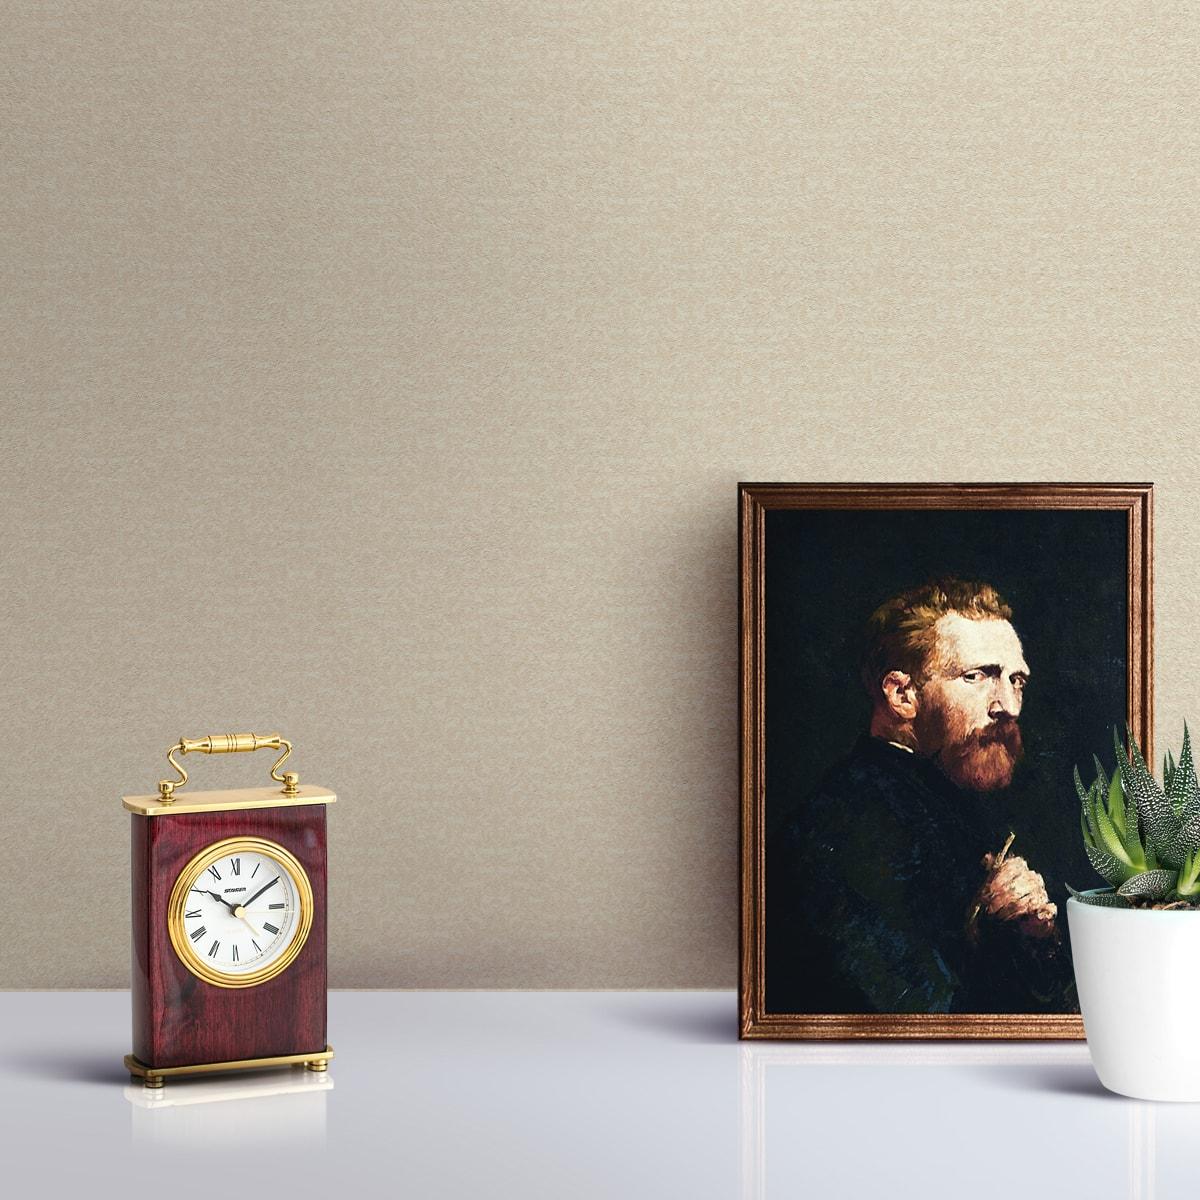 Vanille Ornamenttapete florales Damast Muster klassisch - Design Tapete für Flur, Büro 2